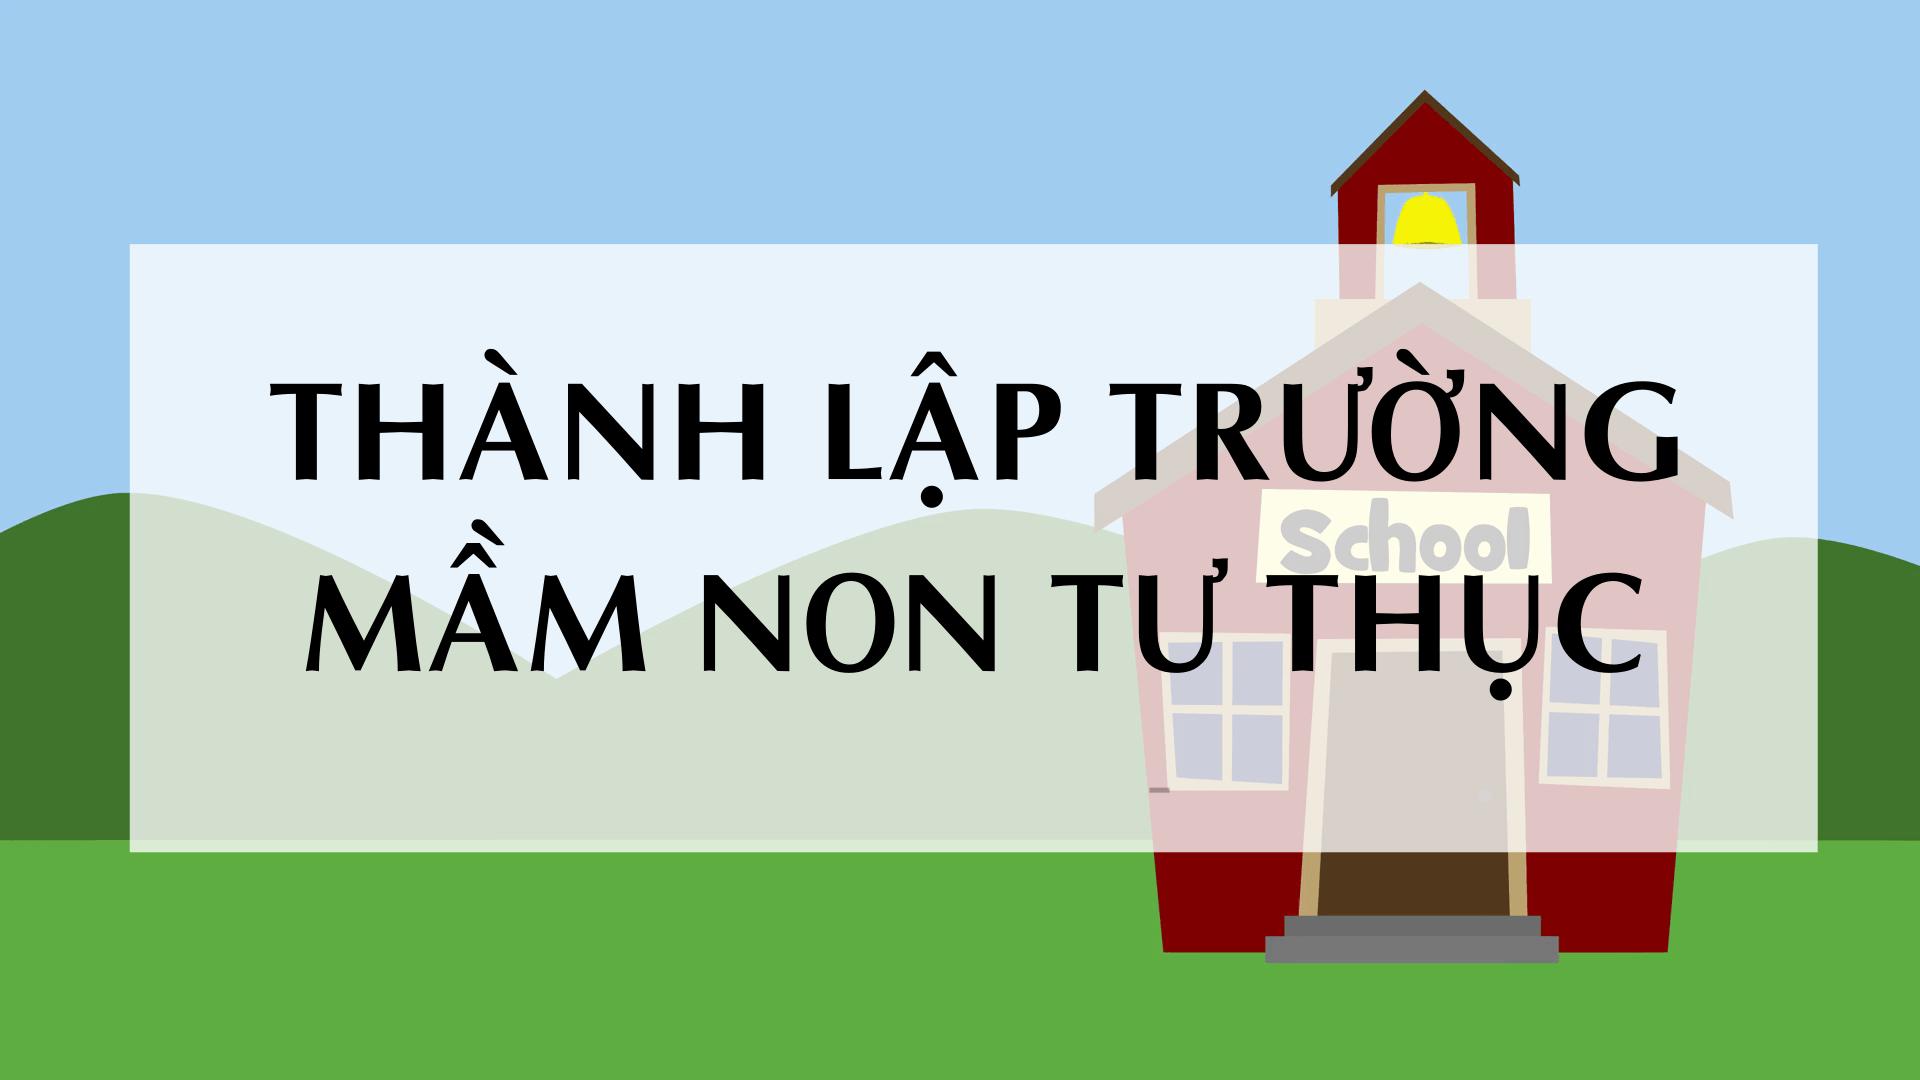 Quy-dinh-mo-truong-mam-non-tu-thuc